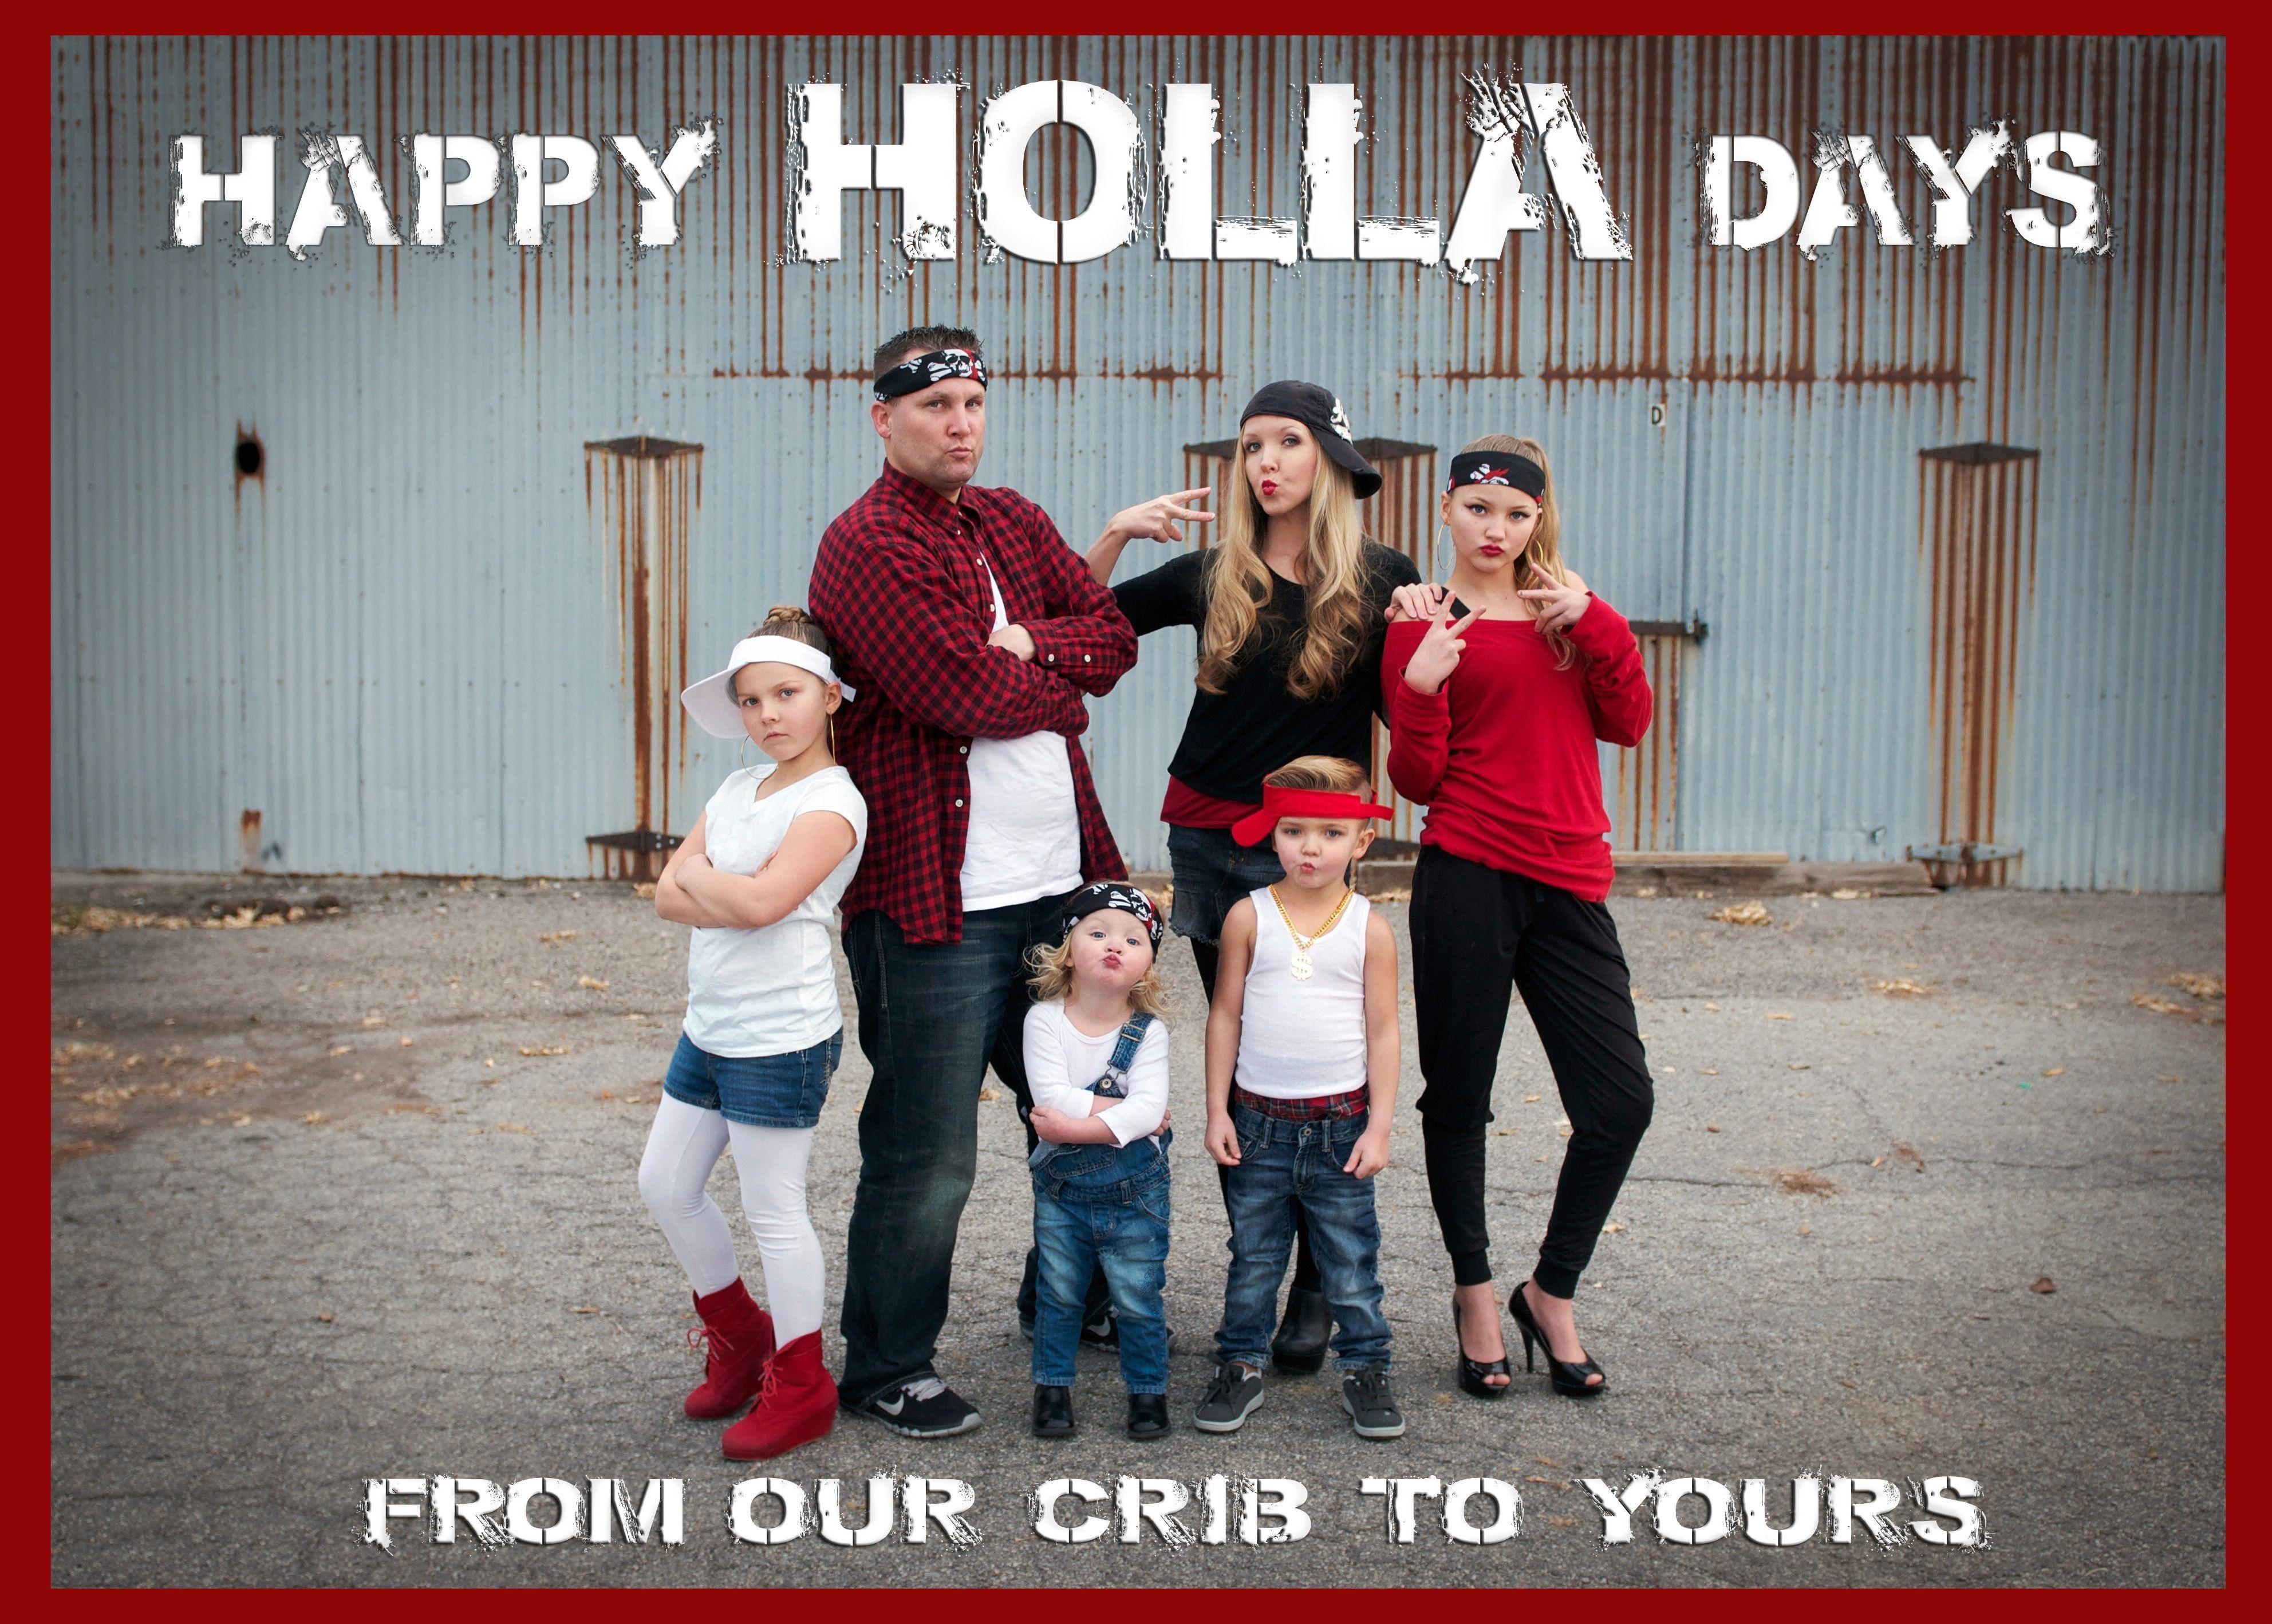 New Christmas Photo Card Ideas 2020 Happy HOLLA days funny Christmas card idea.   House interior